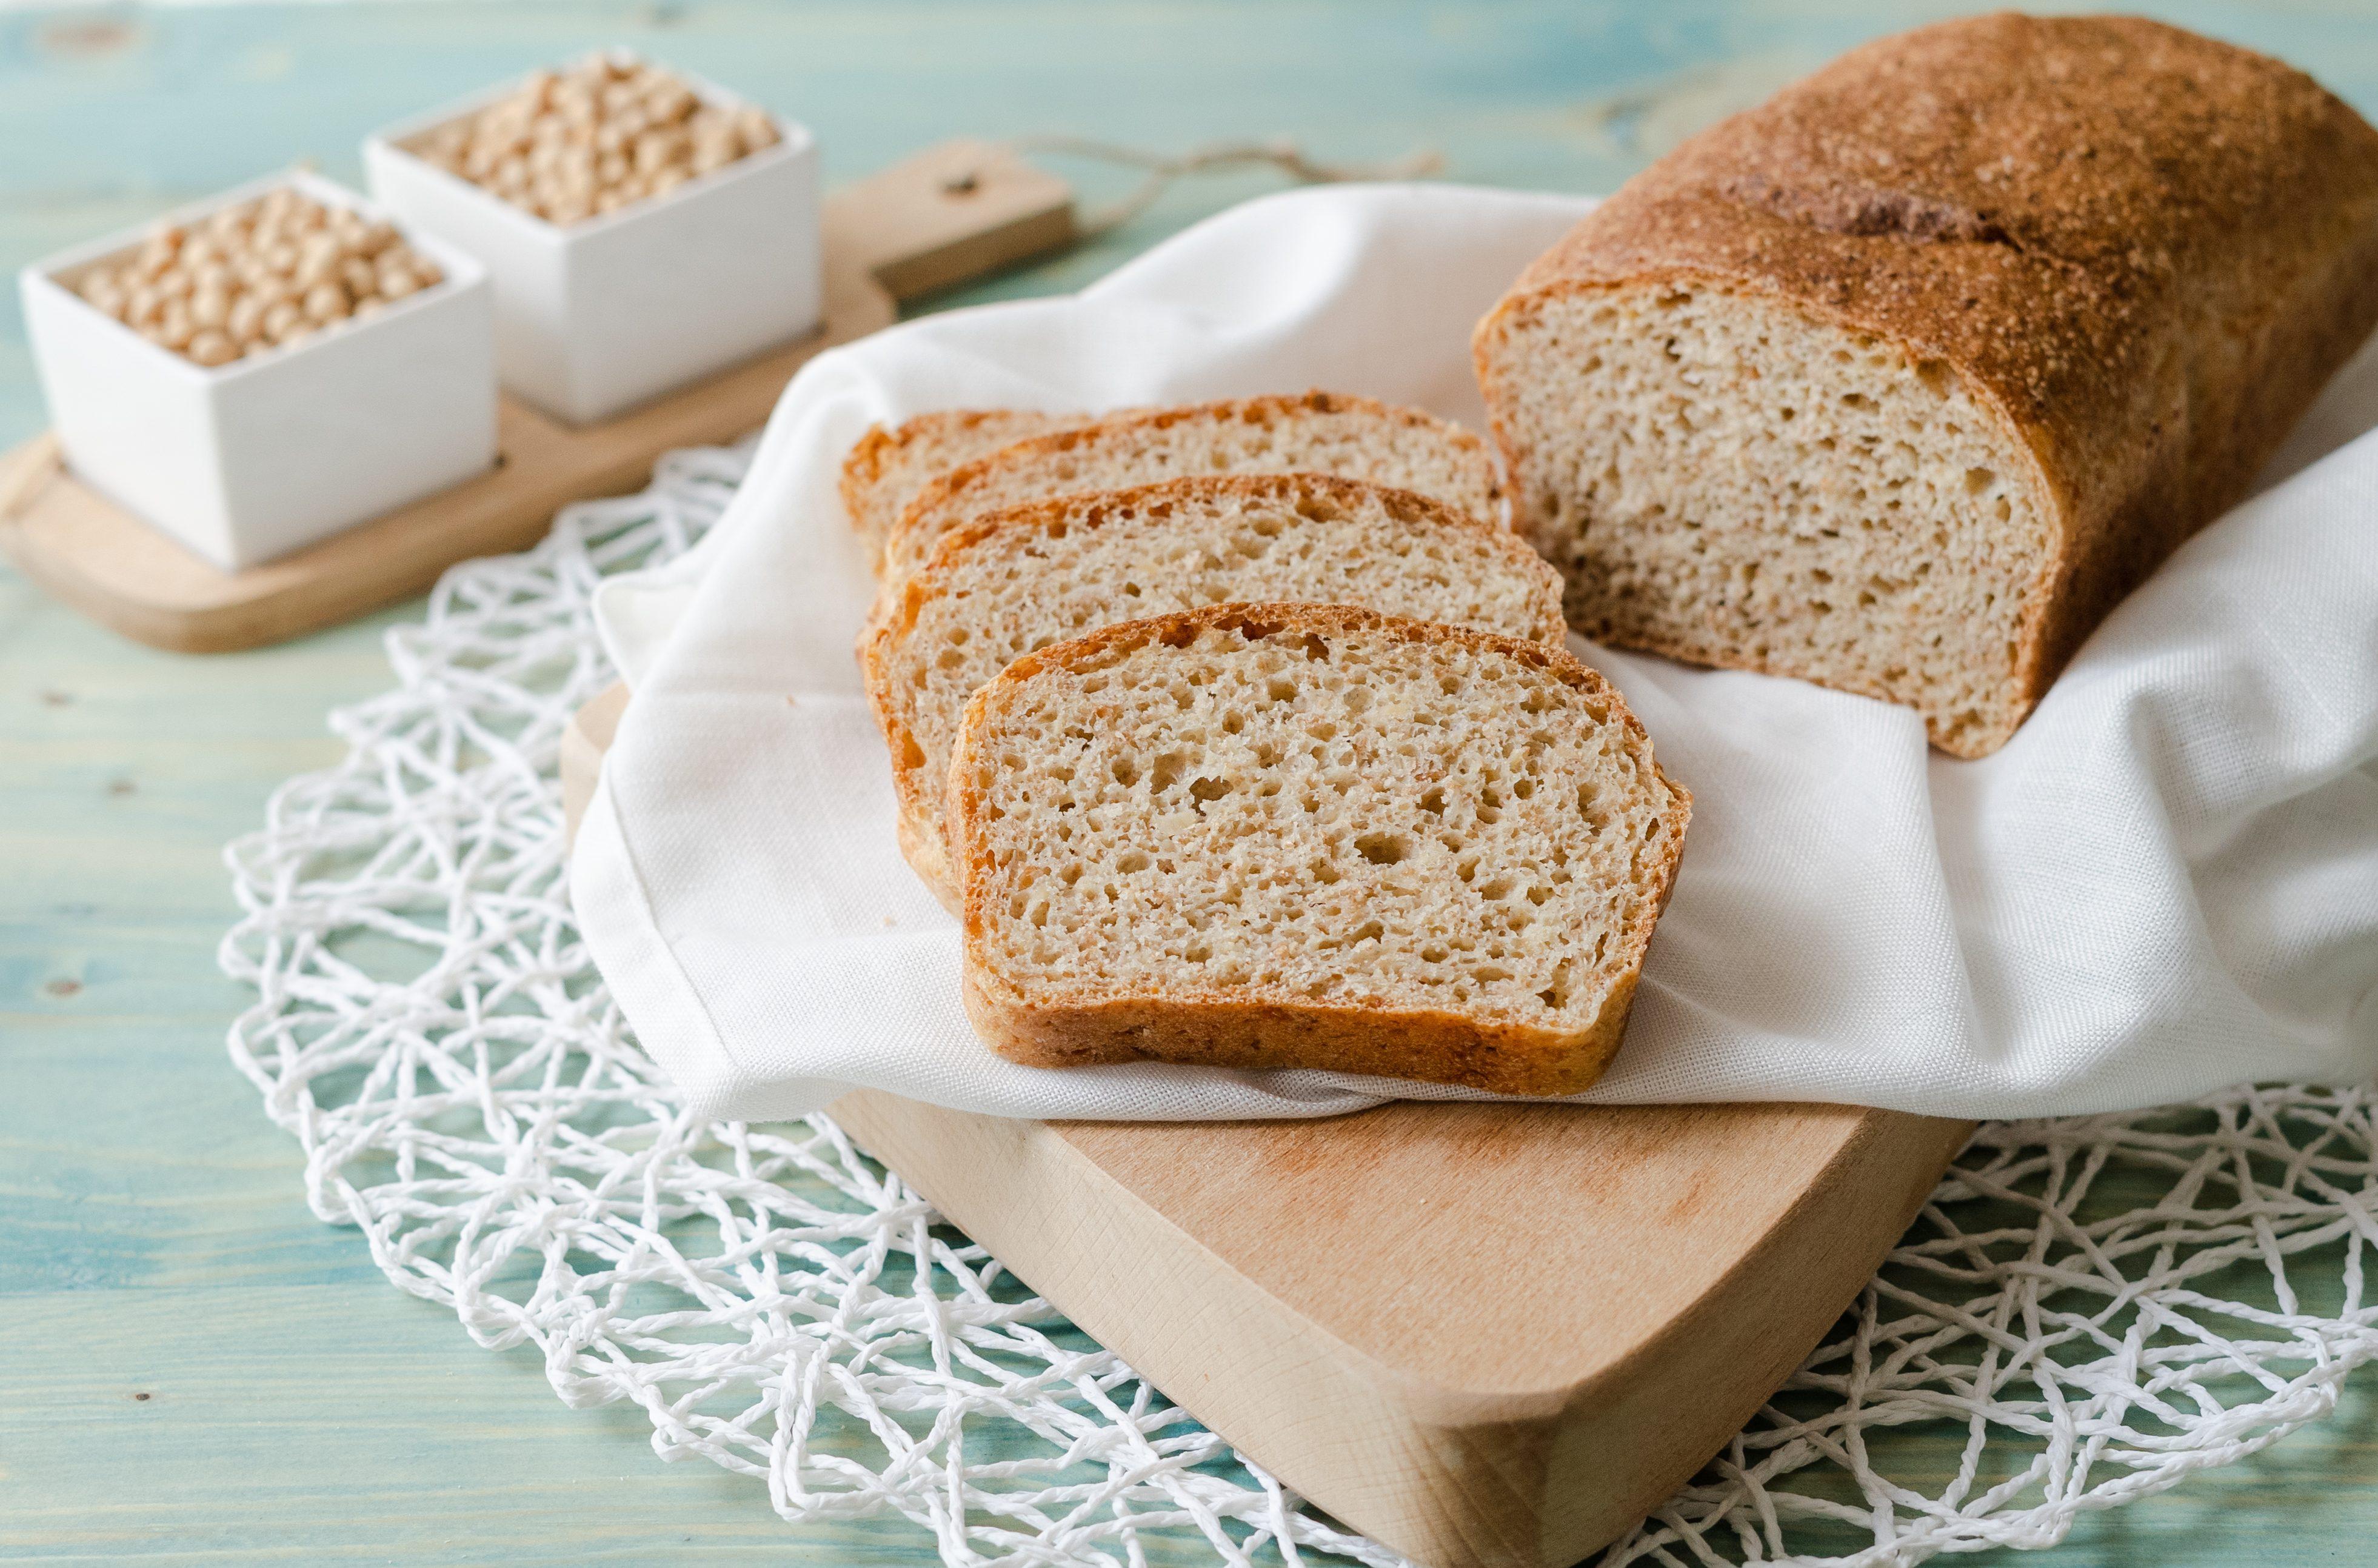 Pane di soia: la ricetta del soffice pane fatto in casa